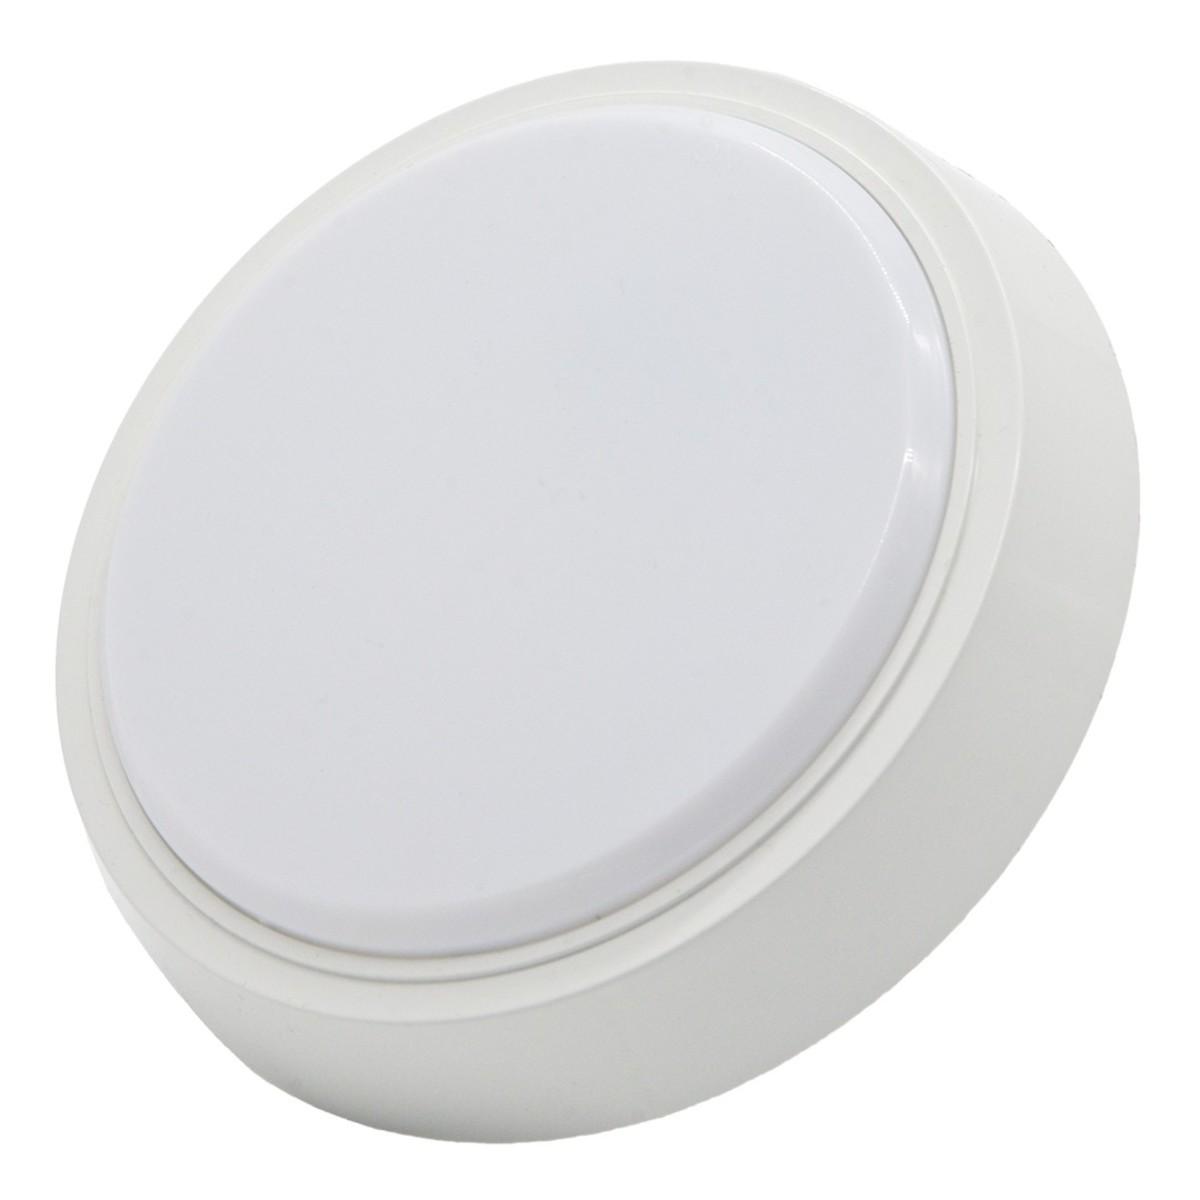 Cветодиодный светильник ЖКХ GLANZEN 8Вт RPD-0001-08-мат круг 4000K IP40